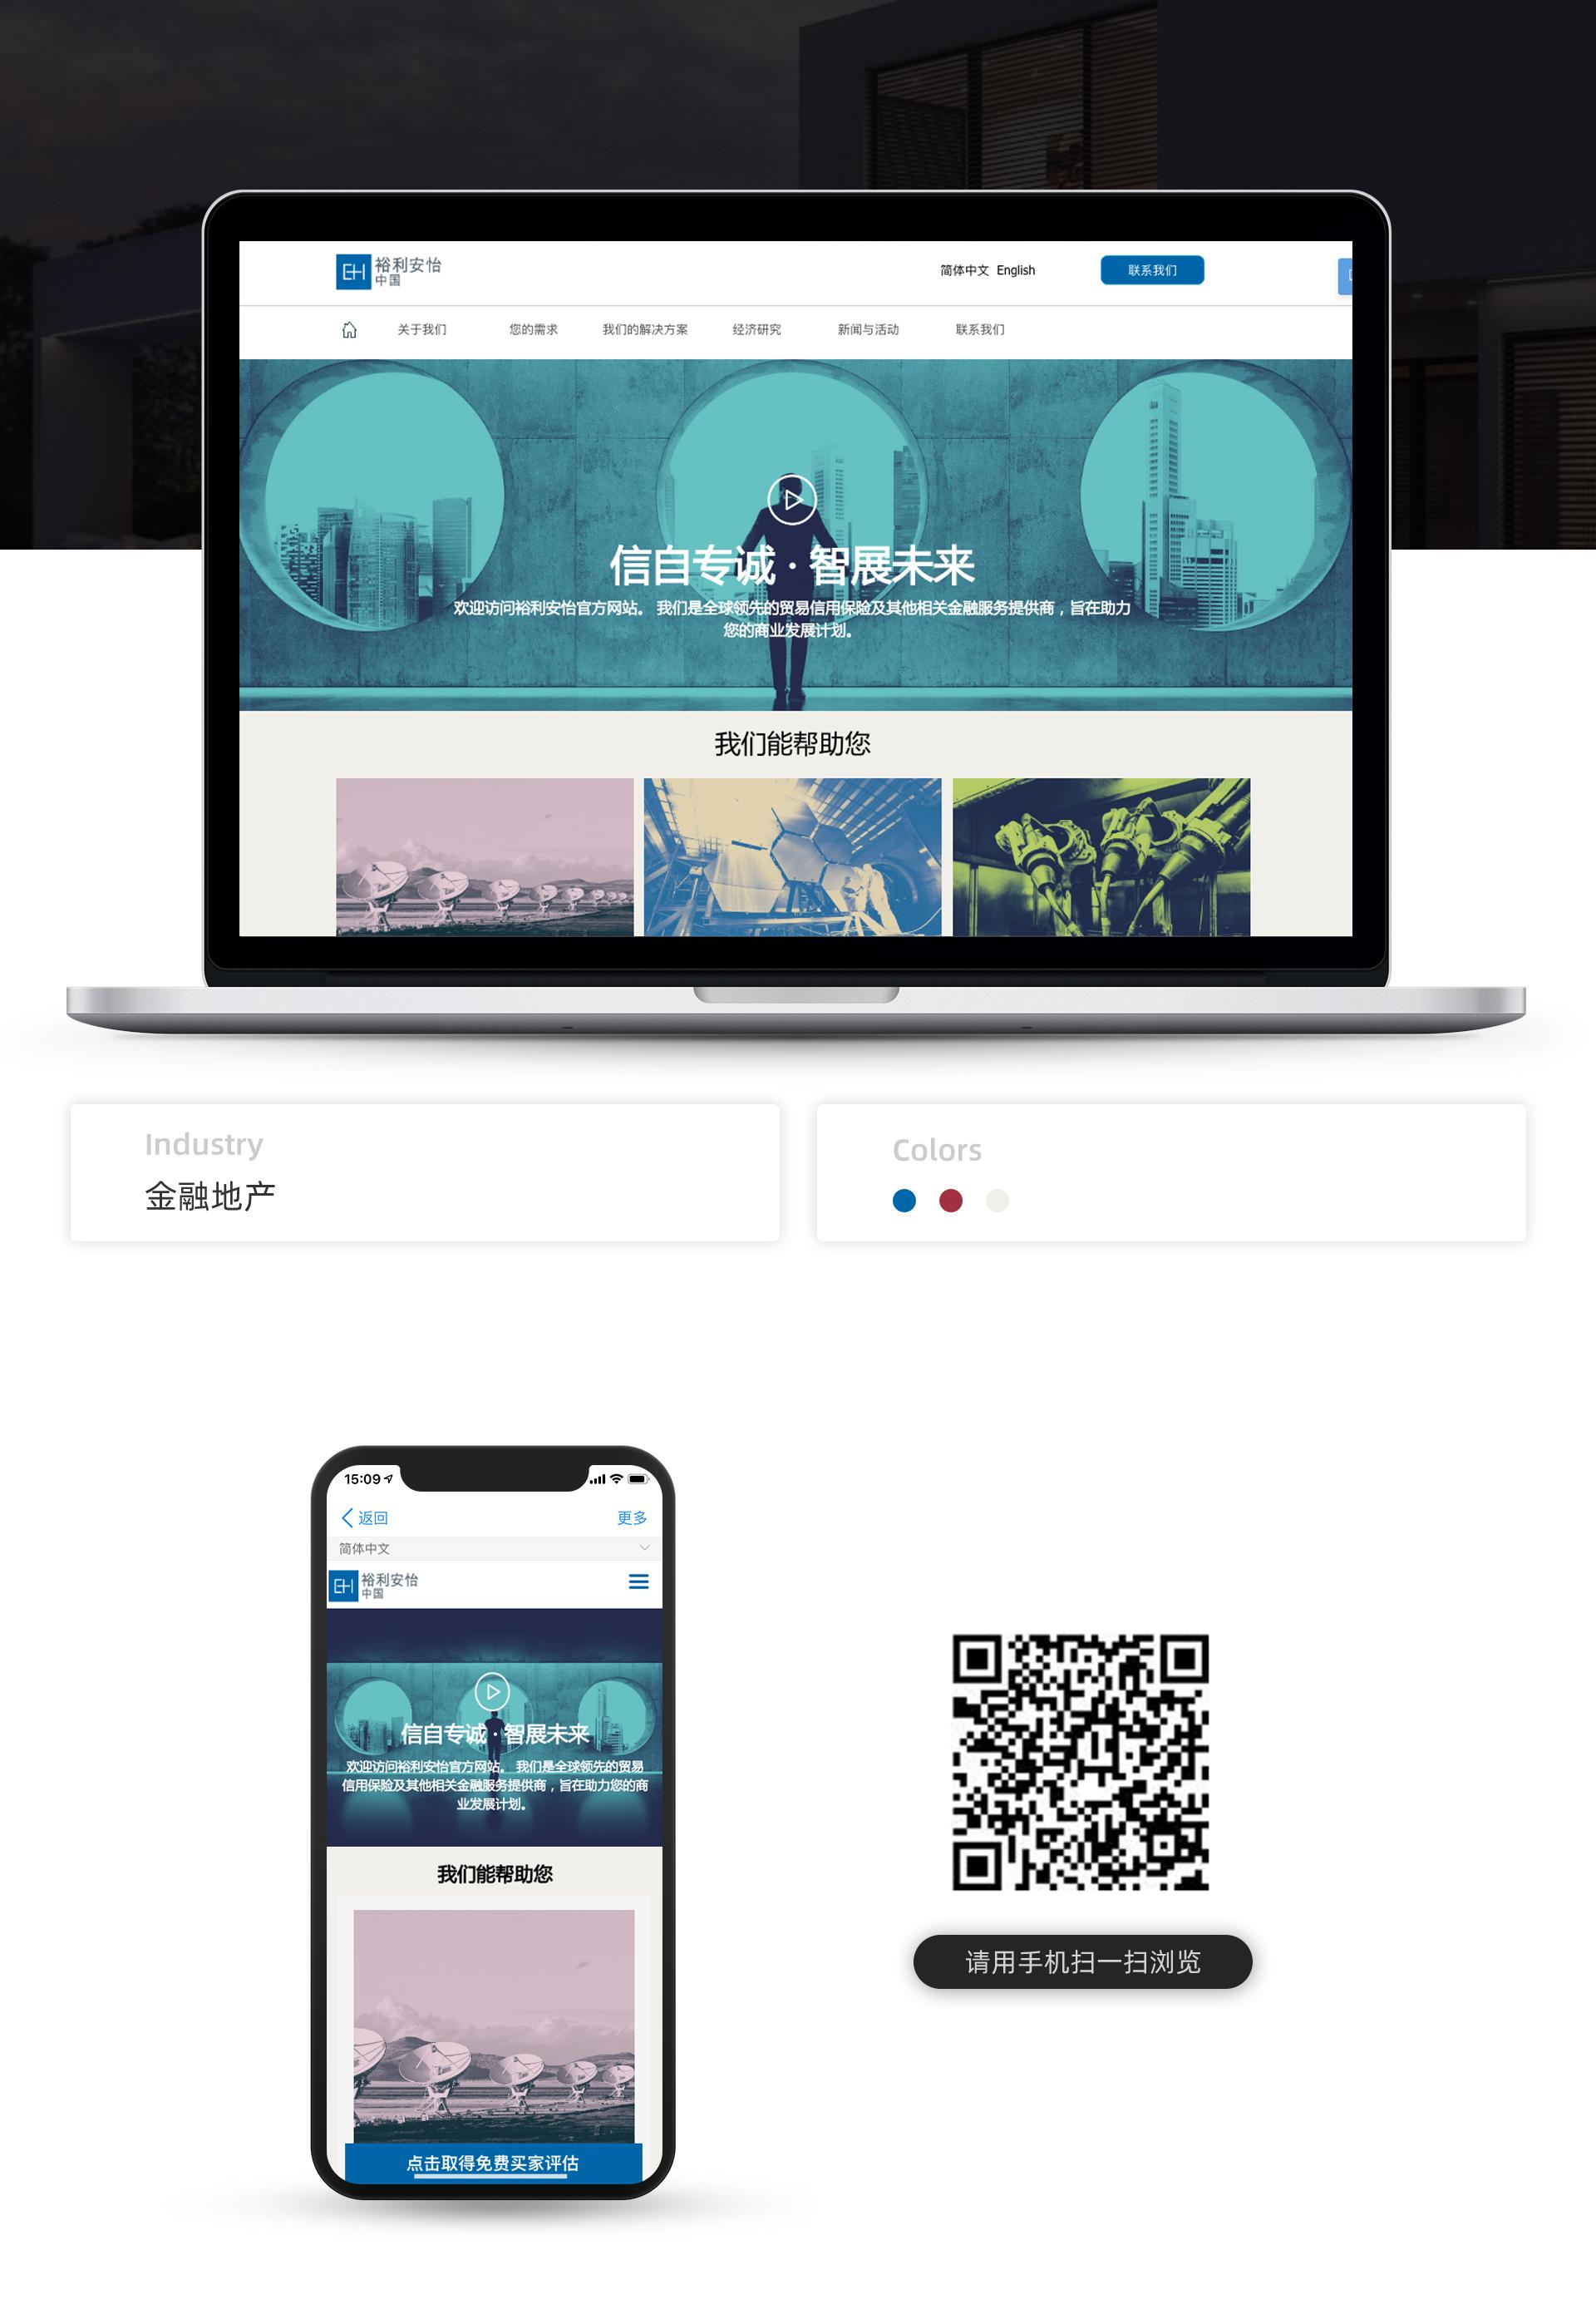 内页-云企案例设计简介-有手机版203567543250630